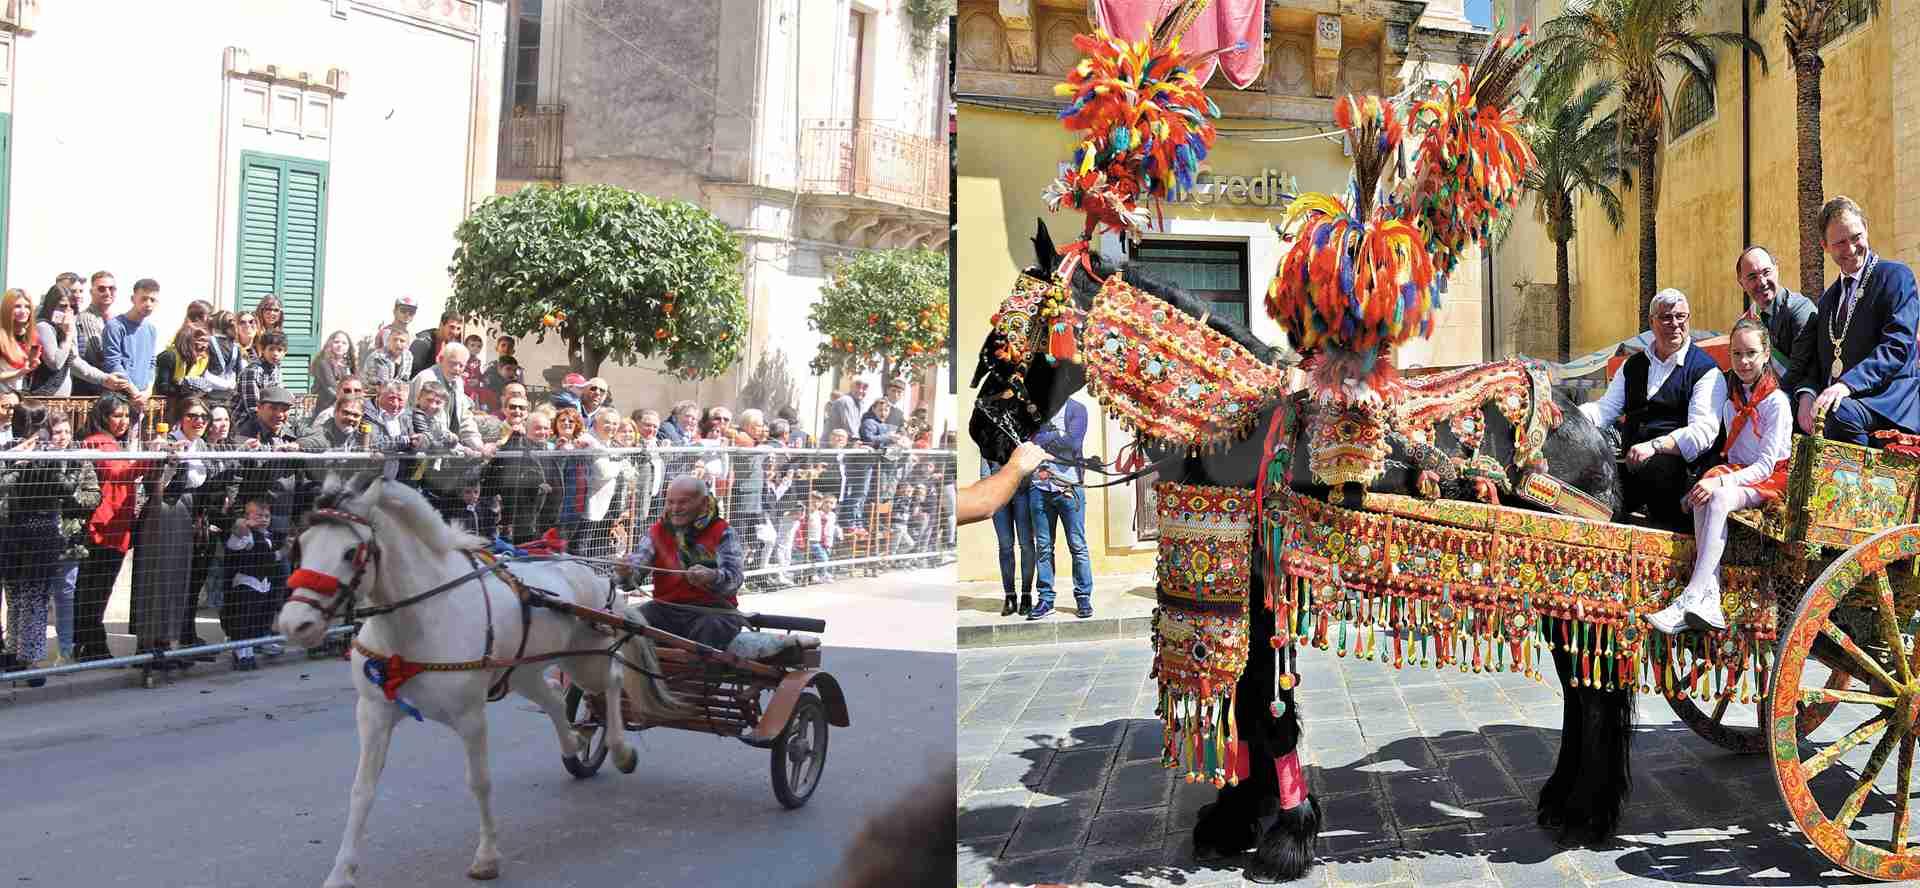 """San Giuseppe: la cavalcata diventa un corteo votivo; il Sindaco: """"Esaltiamo cultura e sicurezza"""""""